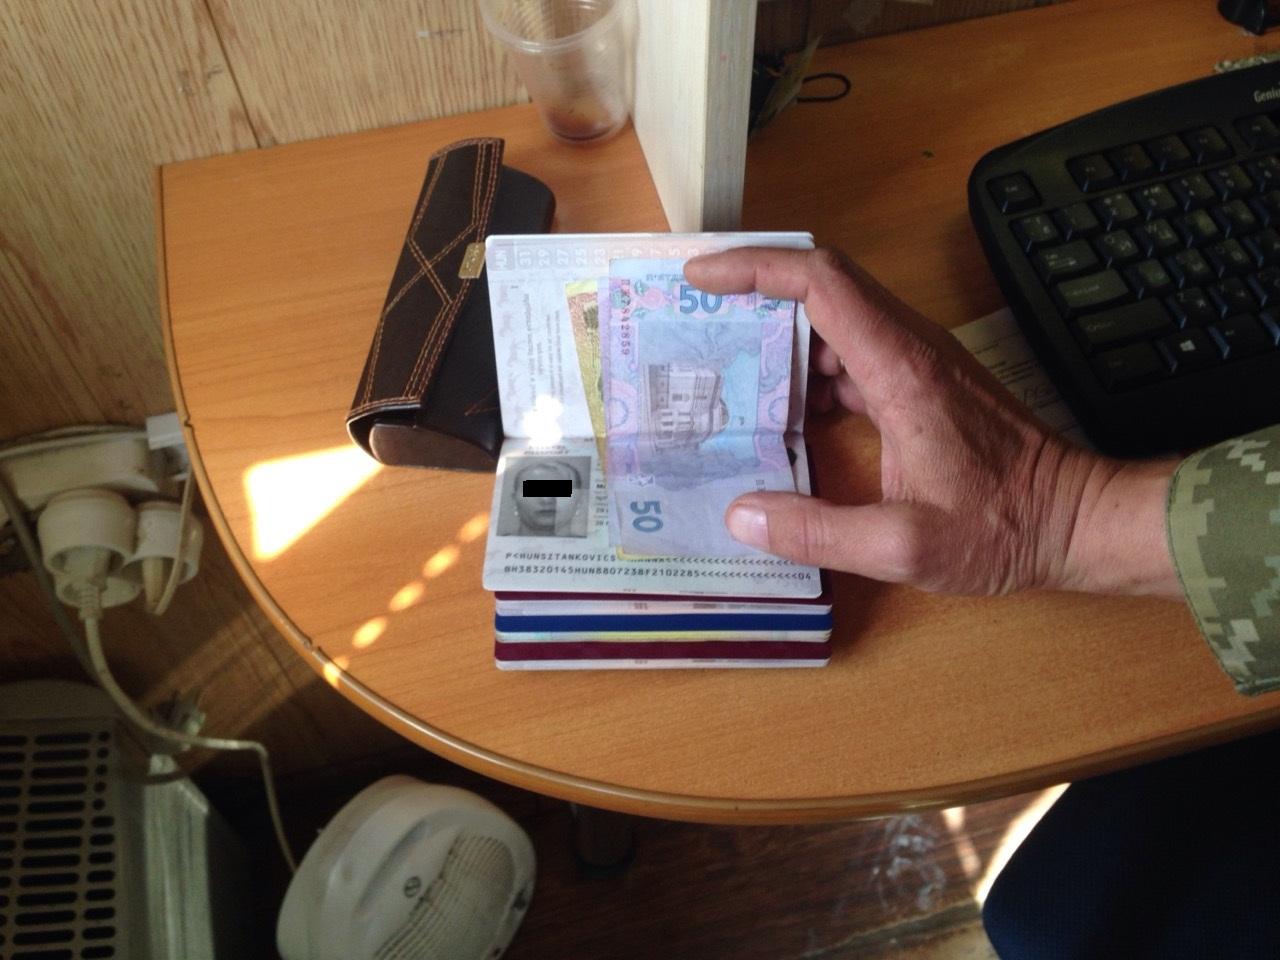 Двоє українців з угорськими паспортами намагались підкупити прикордонників